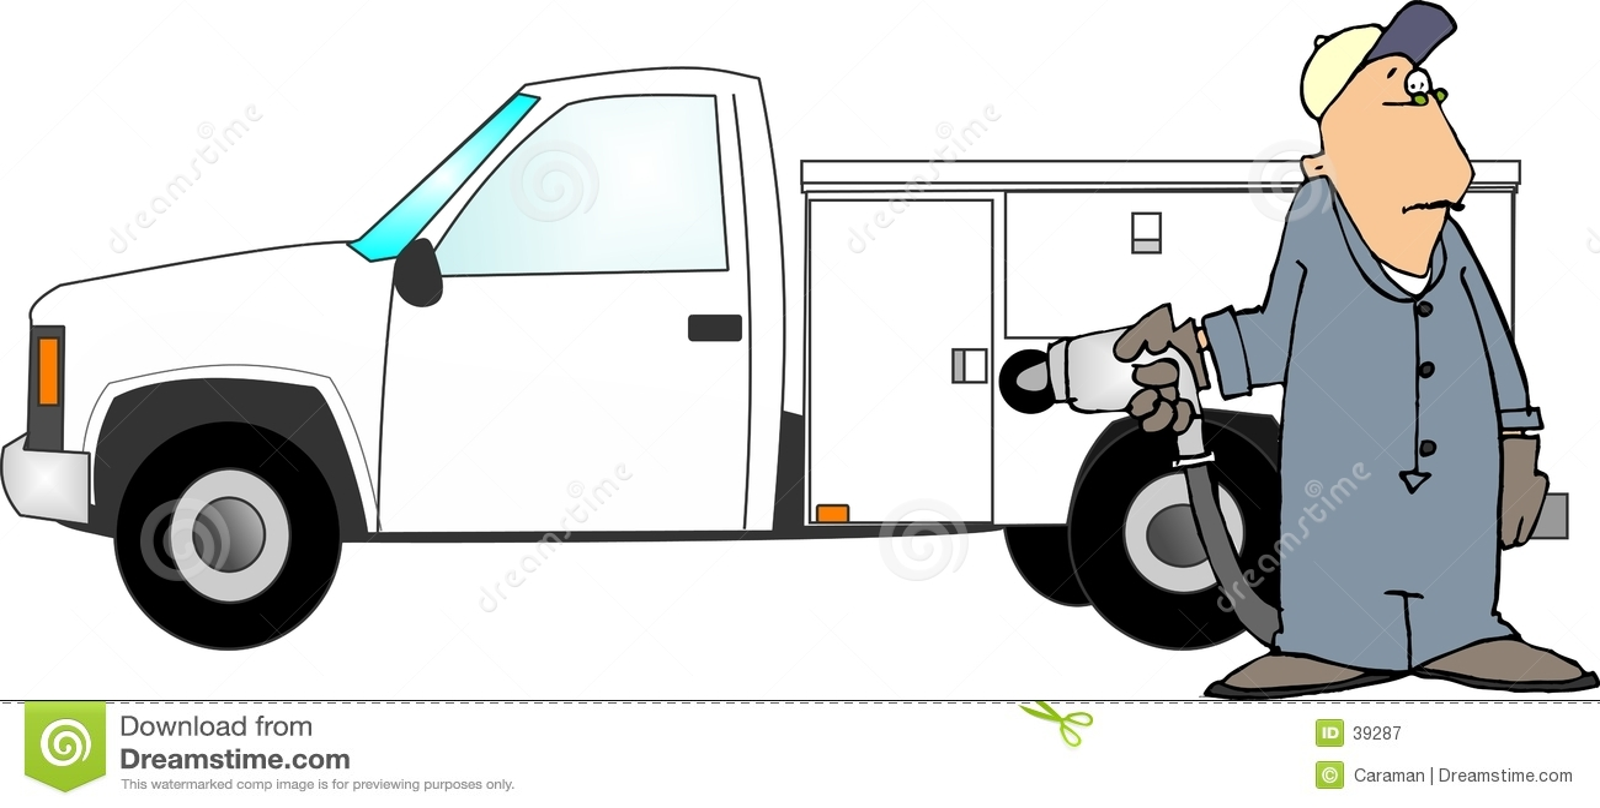 Download Relleno De Un Carro Del Gas Stock de ilustración - Ilustración de humor, dennis: 39287